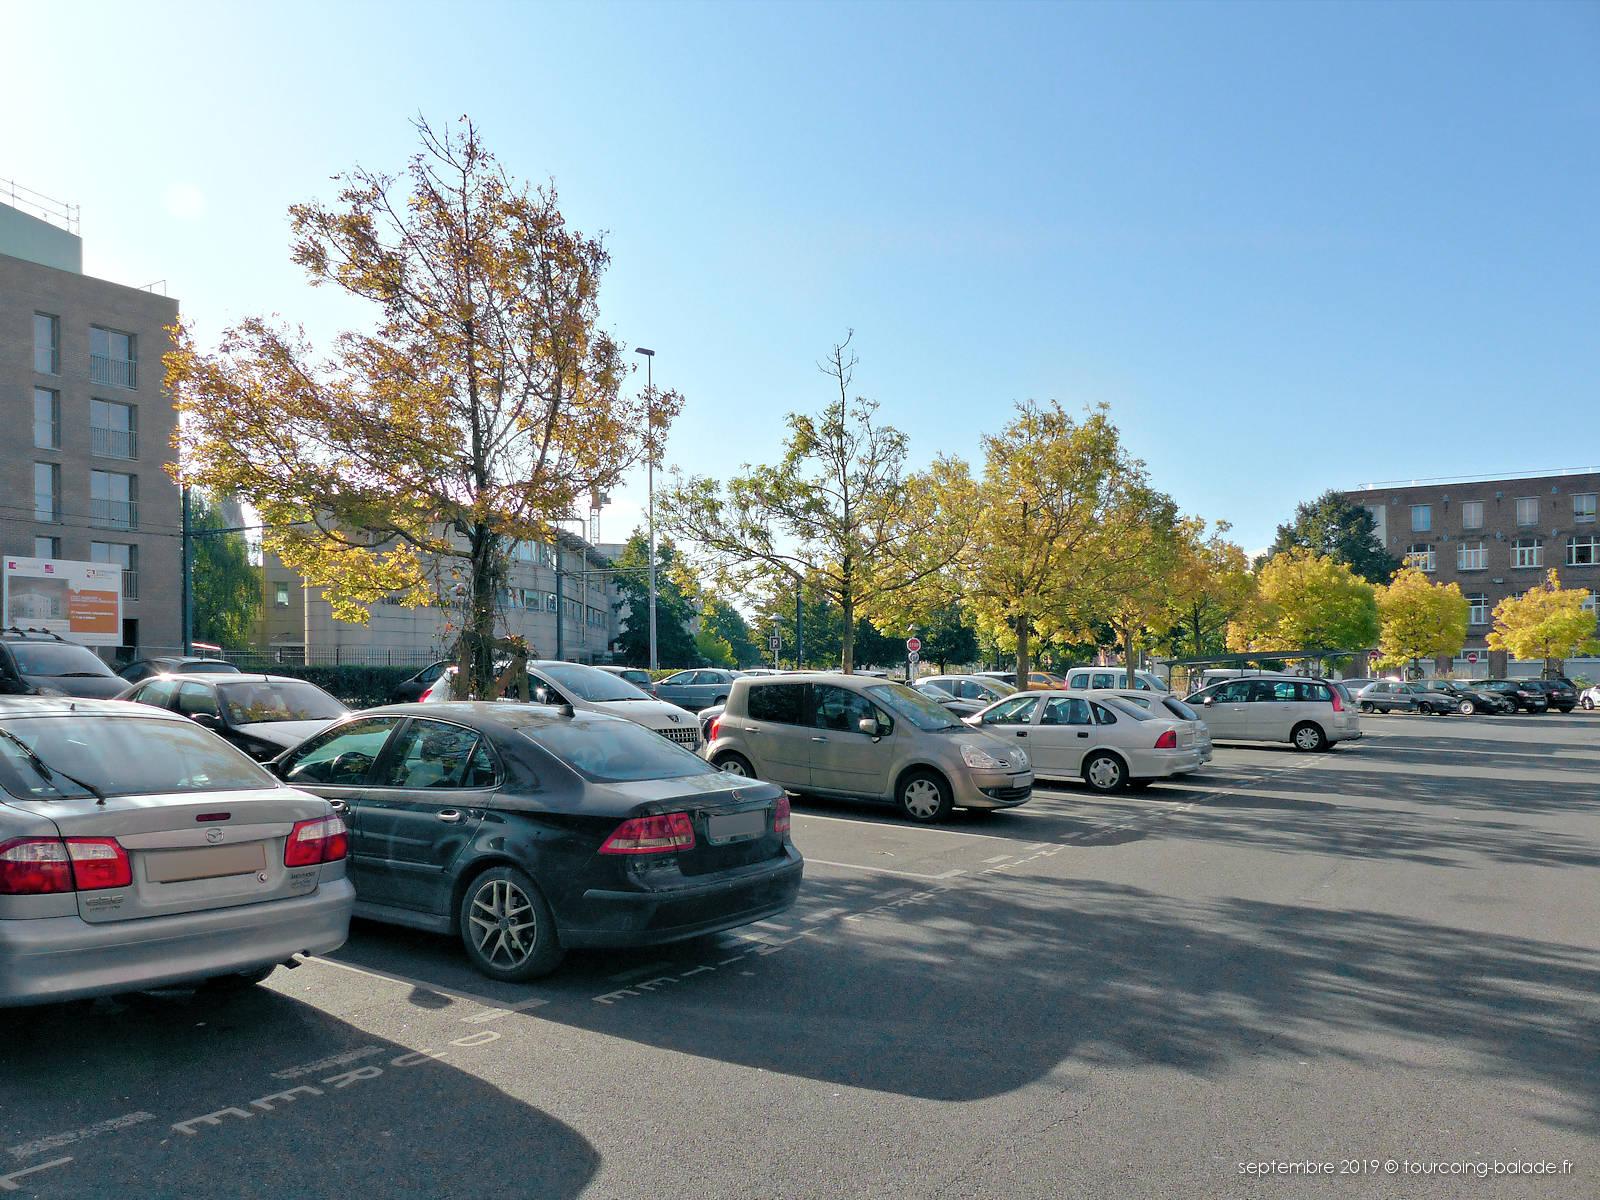 Clinique dela Victoire Tourcoing - Parking Pompidou